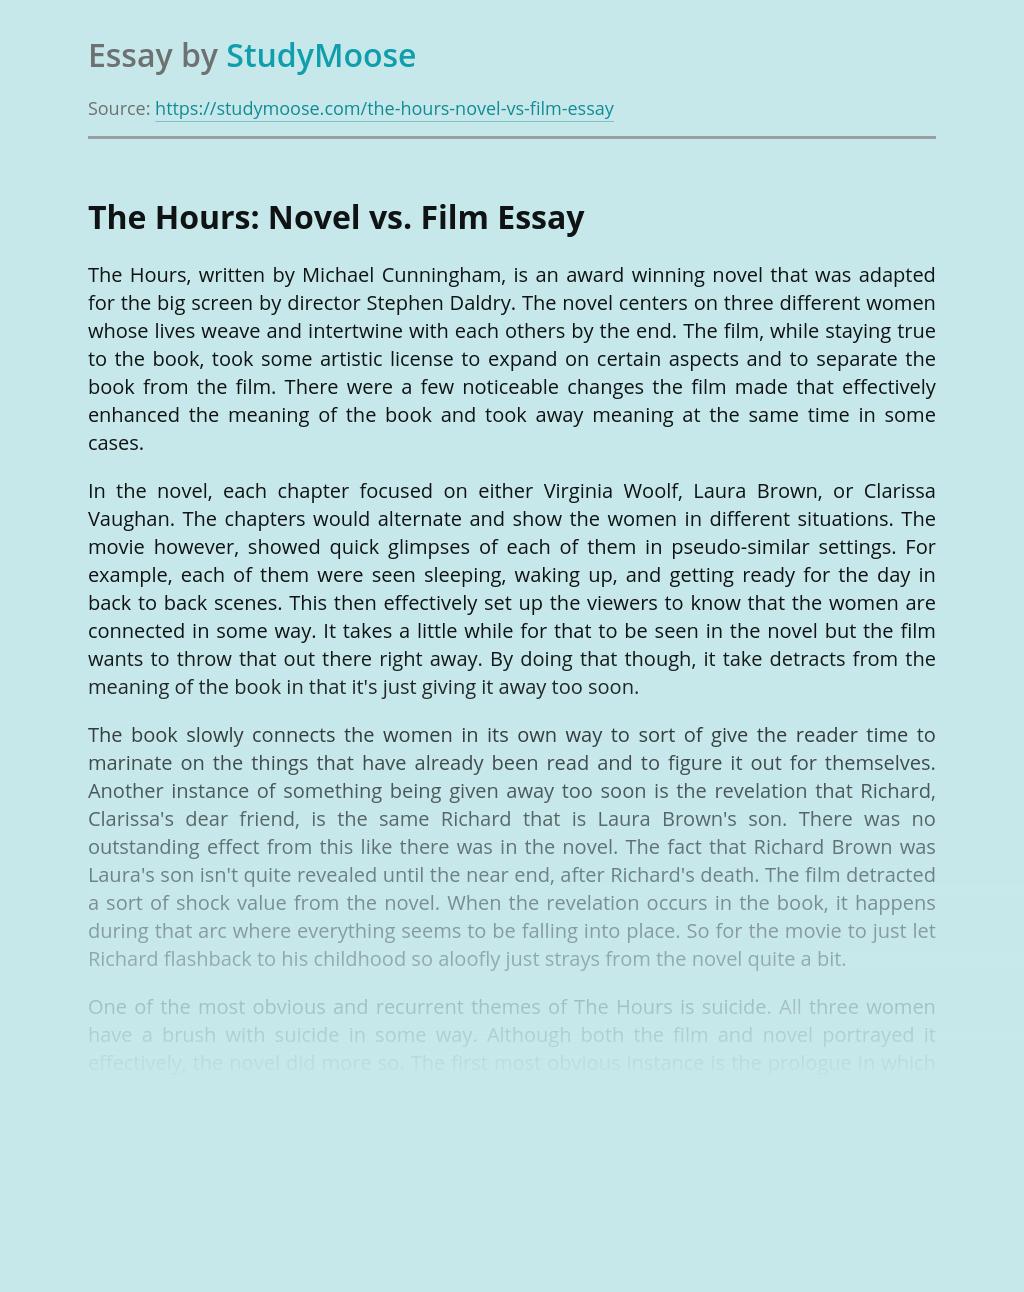 The Hours: Novel vs. Film